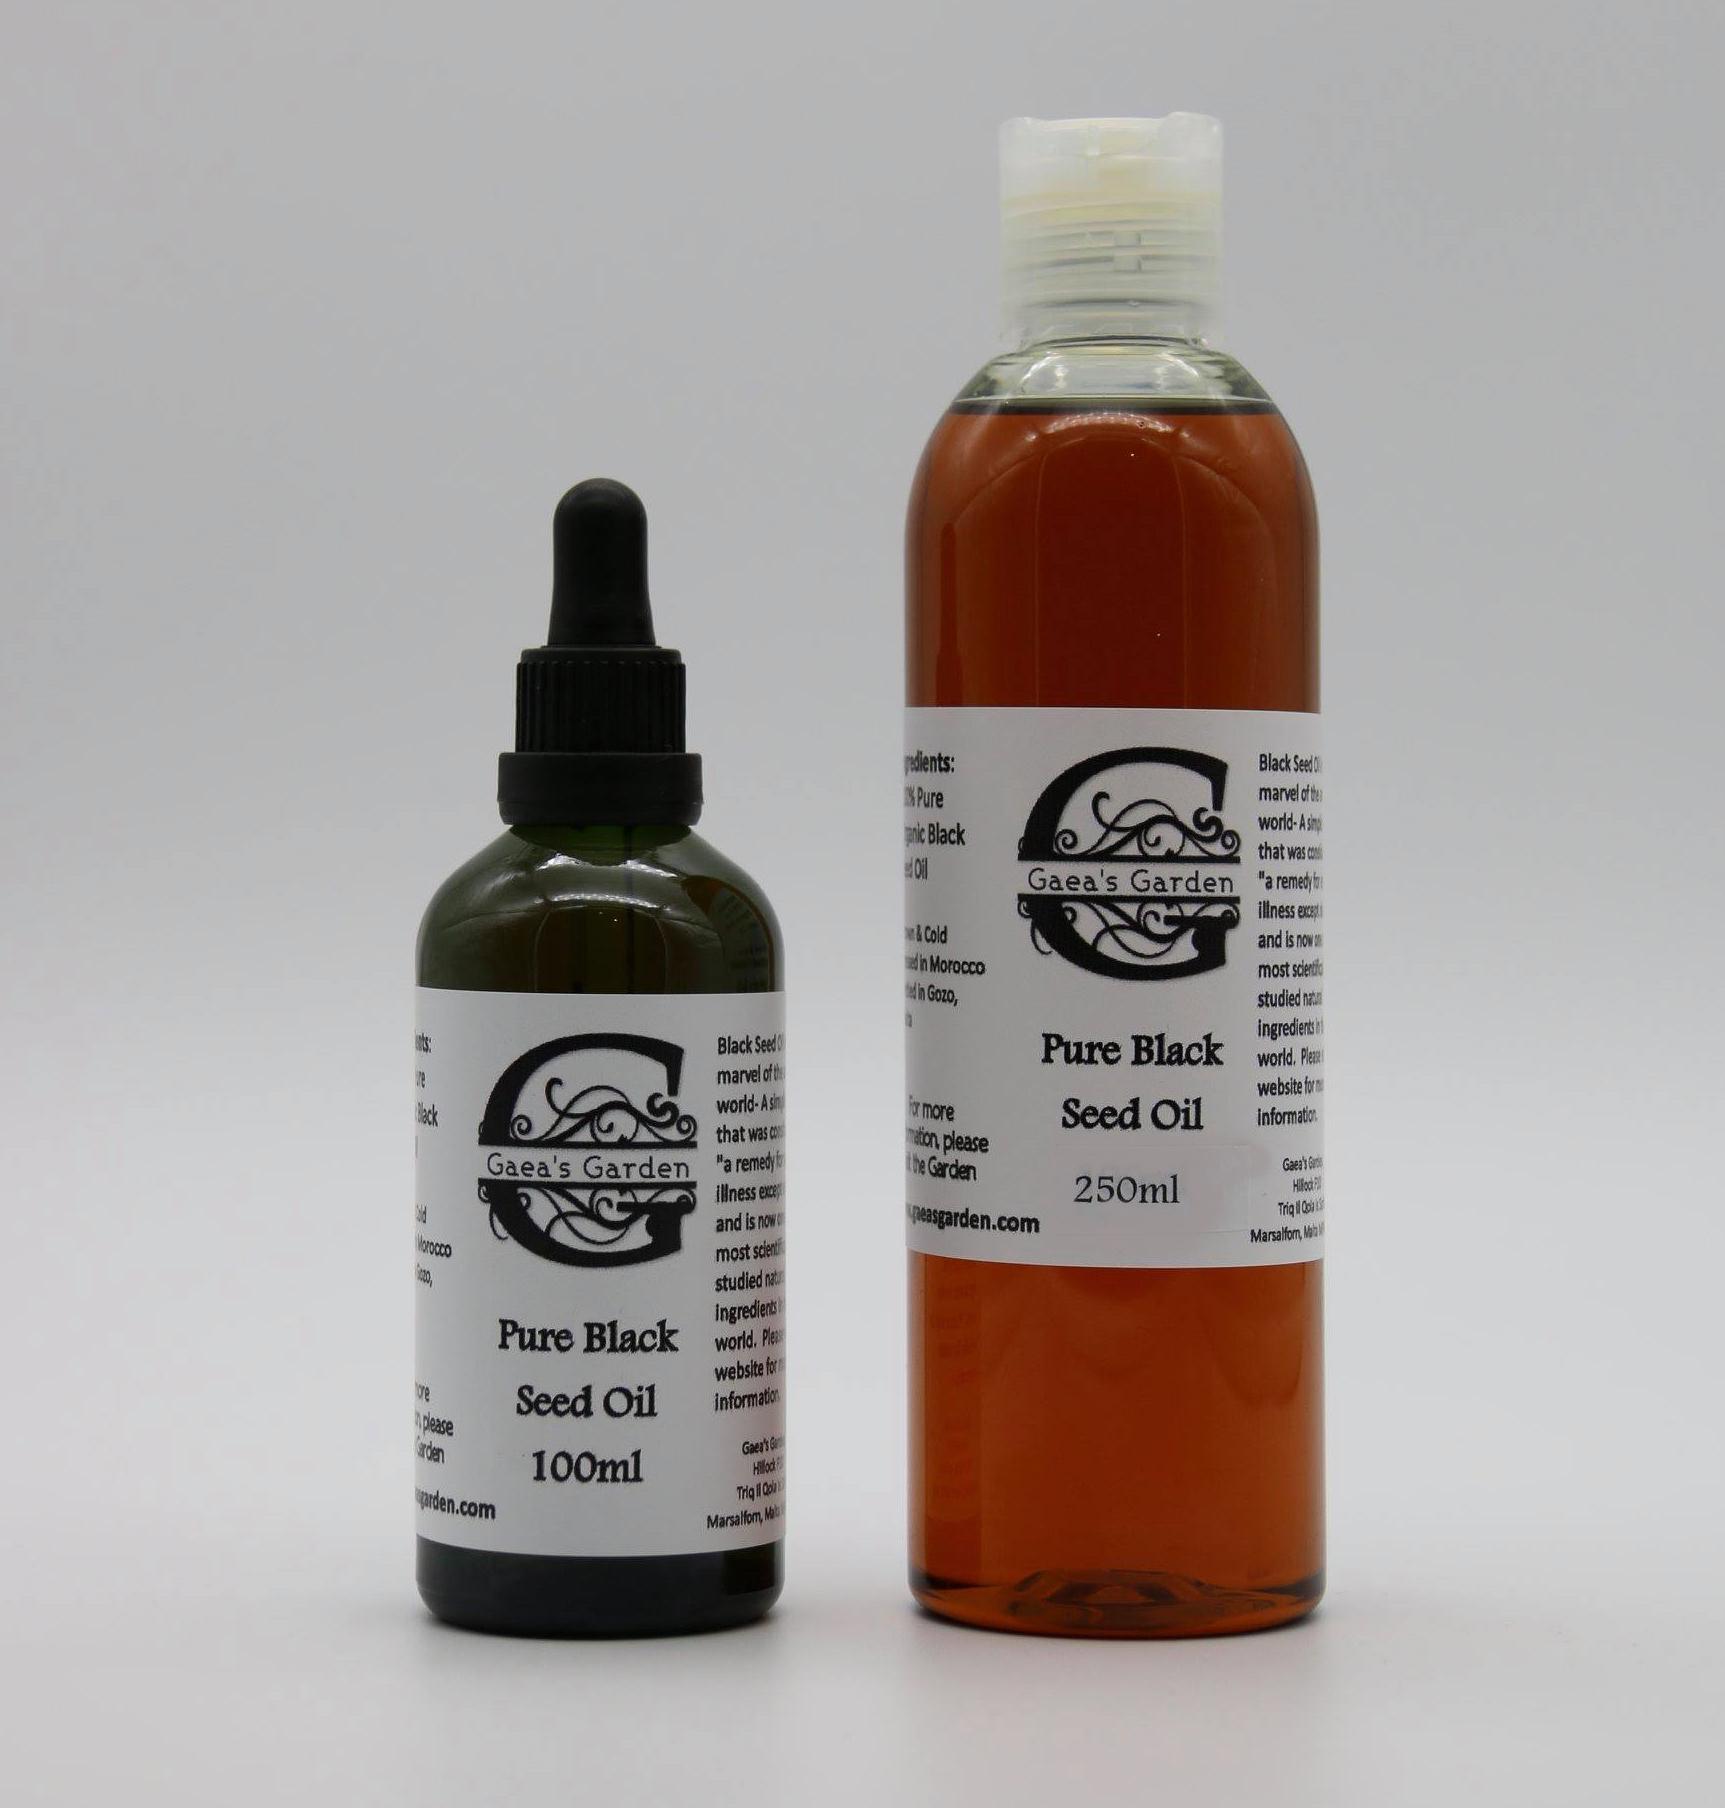 Black Seed Oil, 100ml